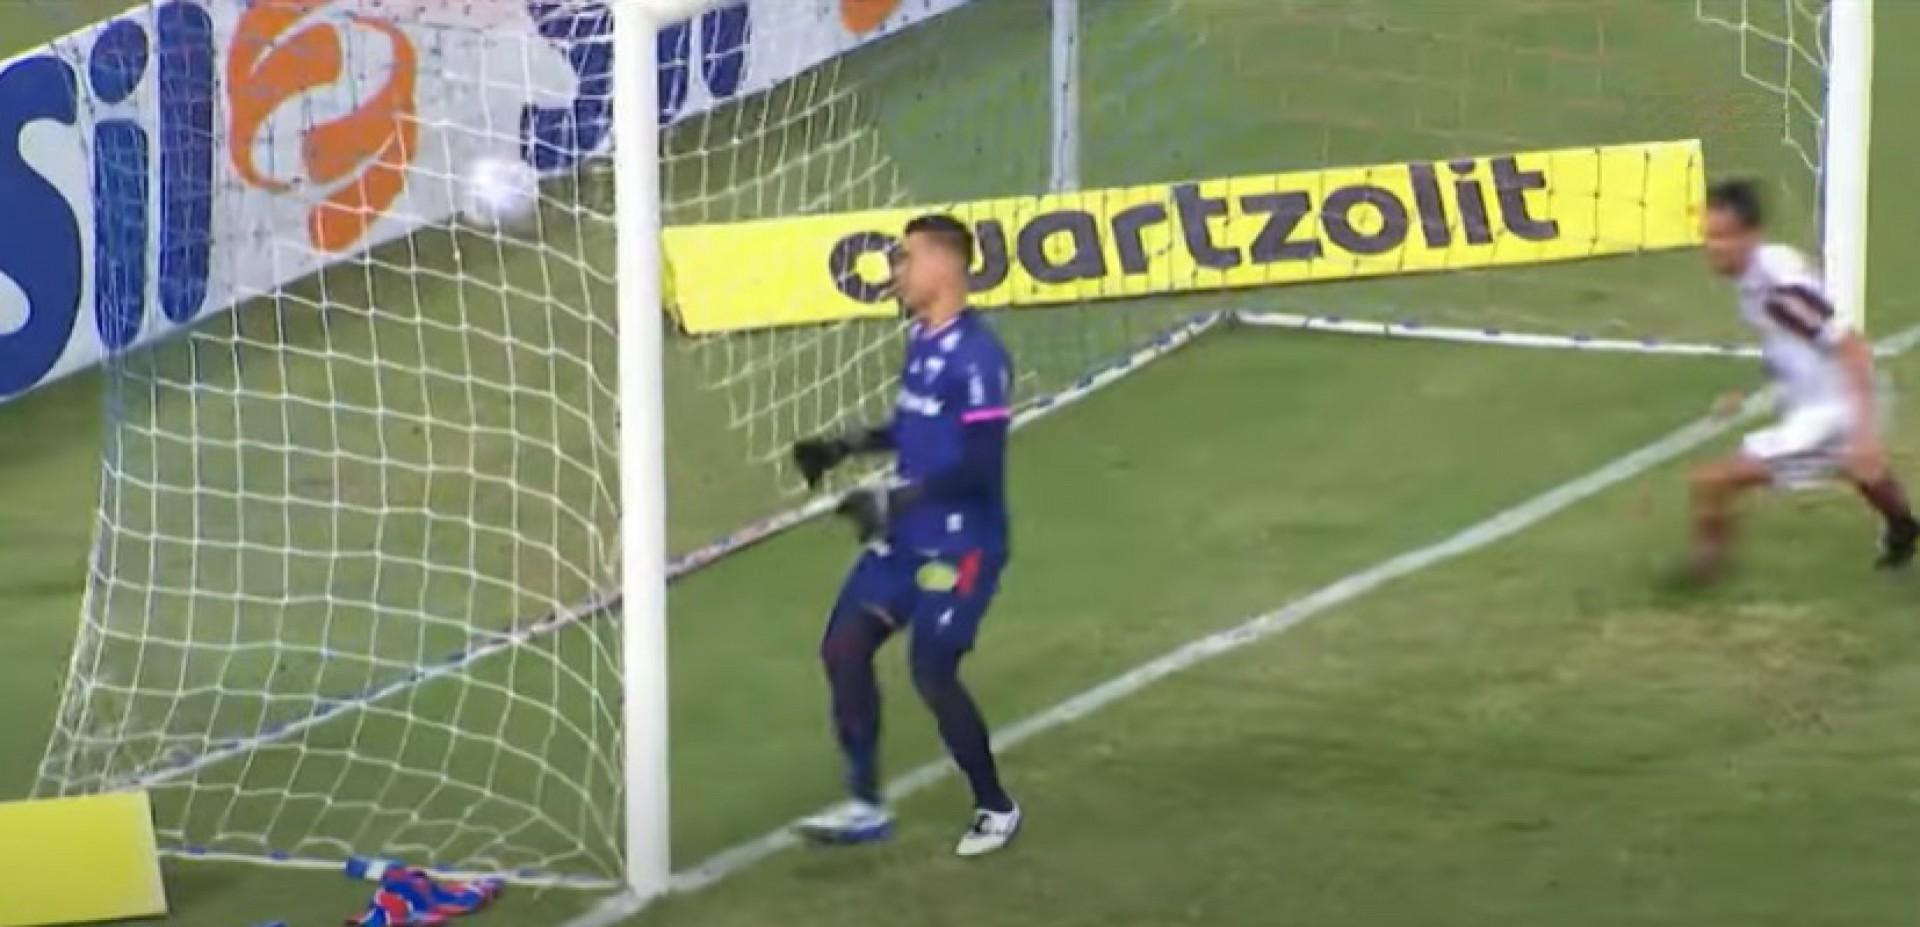 Na última partida no Castelão, o Fortaleza foi goleado pelo Flamengo, por 3 a 0 (Foto: REPRODUÇÃO)